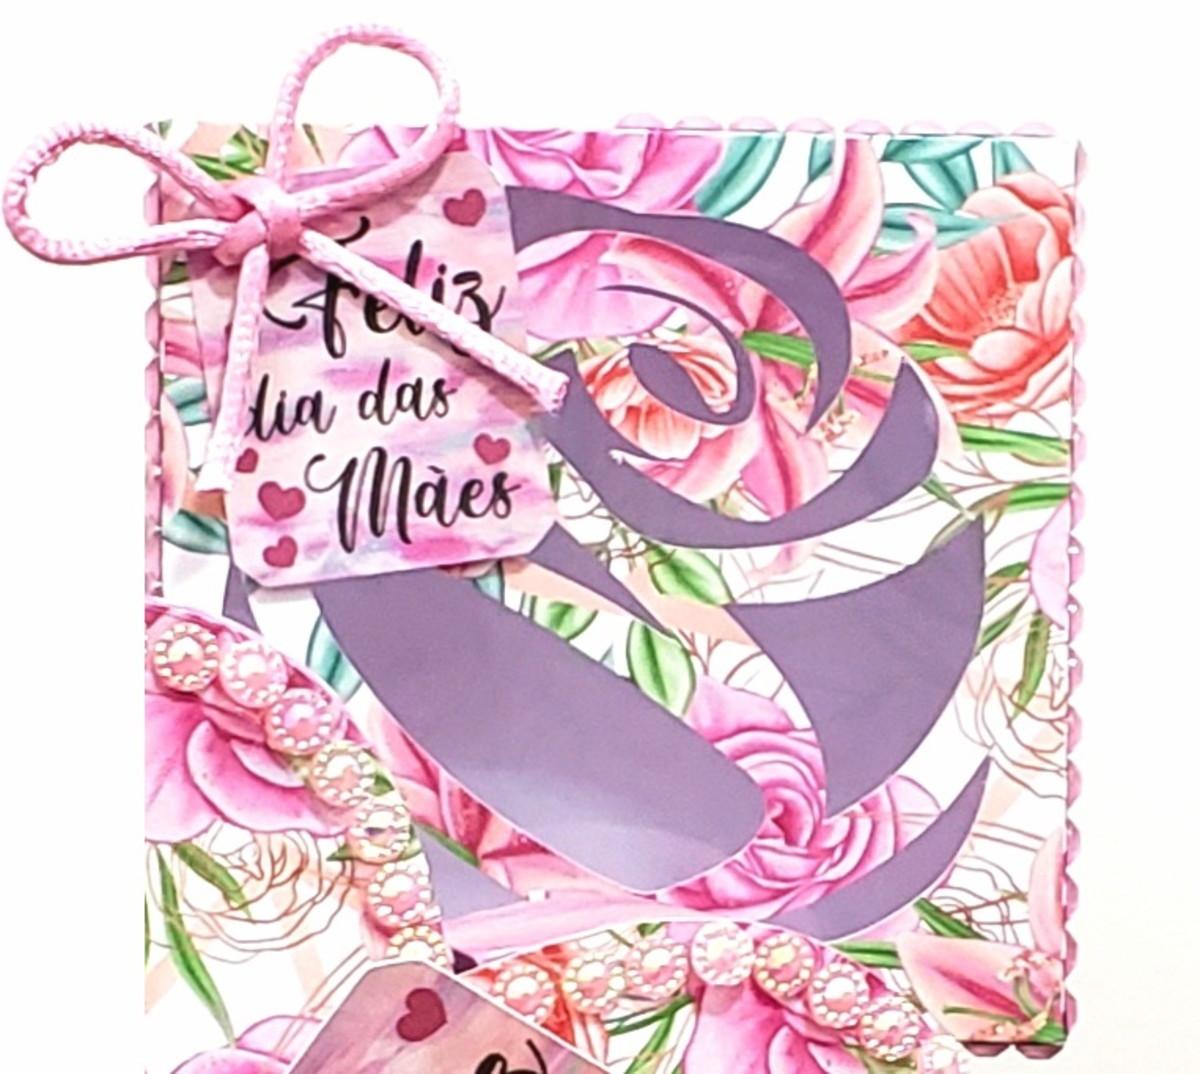 Arquivo (PDF) Caixa Doces Rosa Dia das Mães - Tesourete no